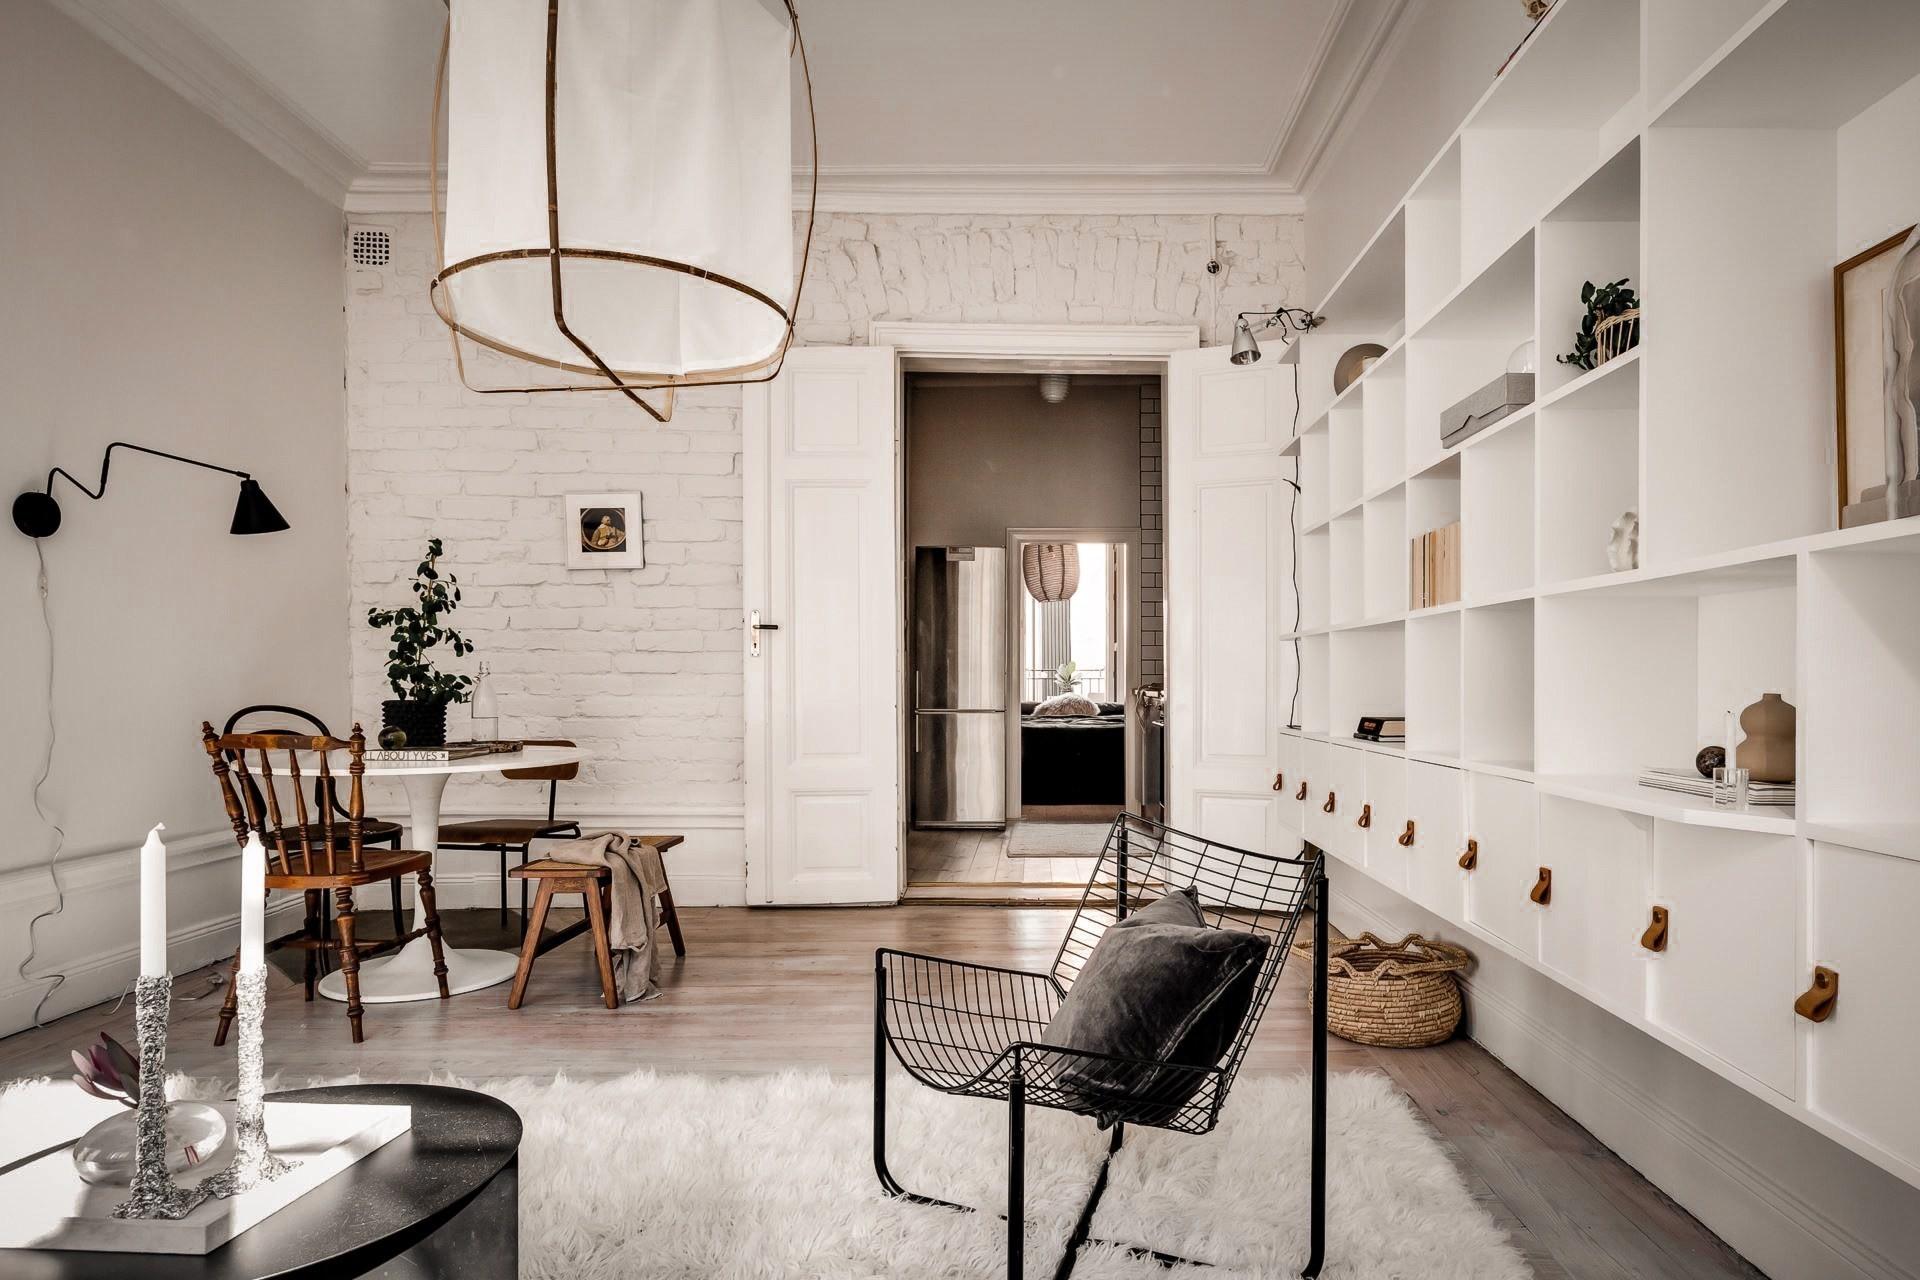 Bài trí nội thất tưởng đơn giản, ít ỏi, căn hộ nhỏ 44m2 ở Nga vẫn hiện lên vô cùng lộng lẫy - Ảnh 12.